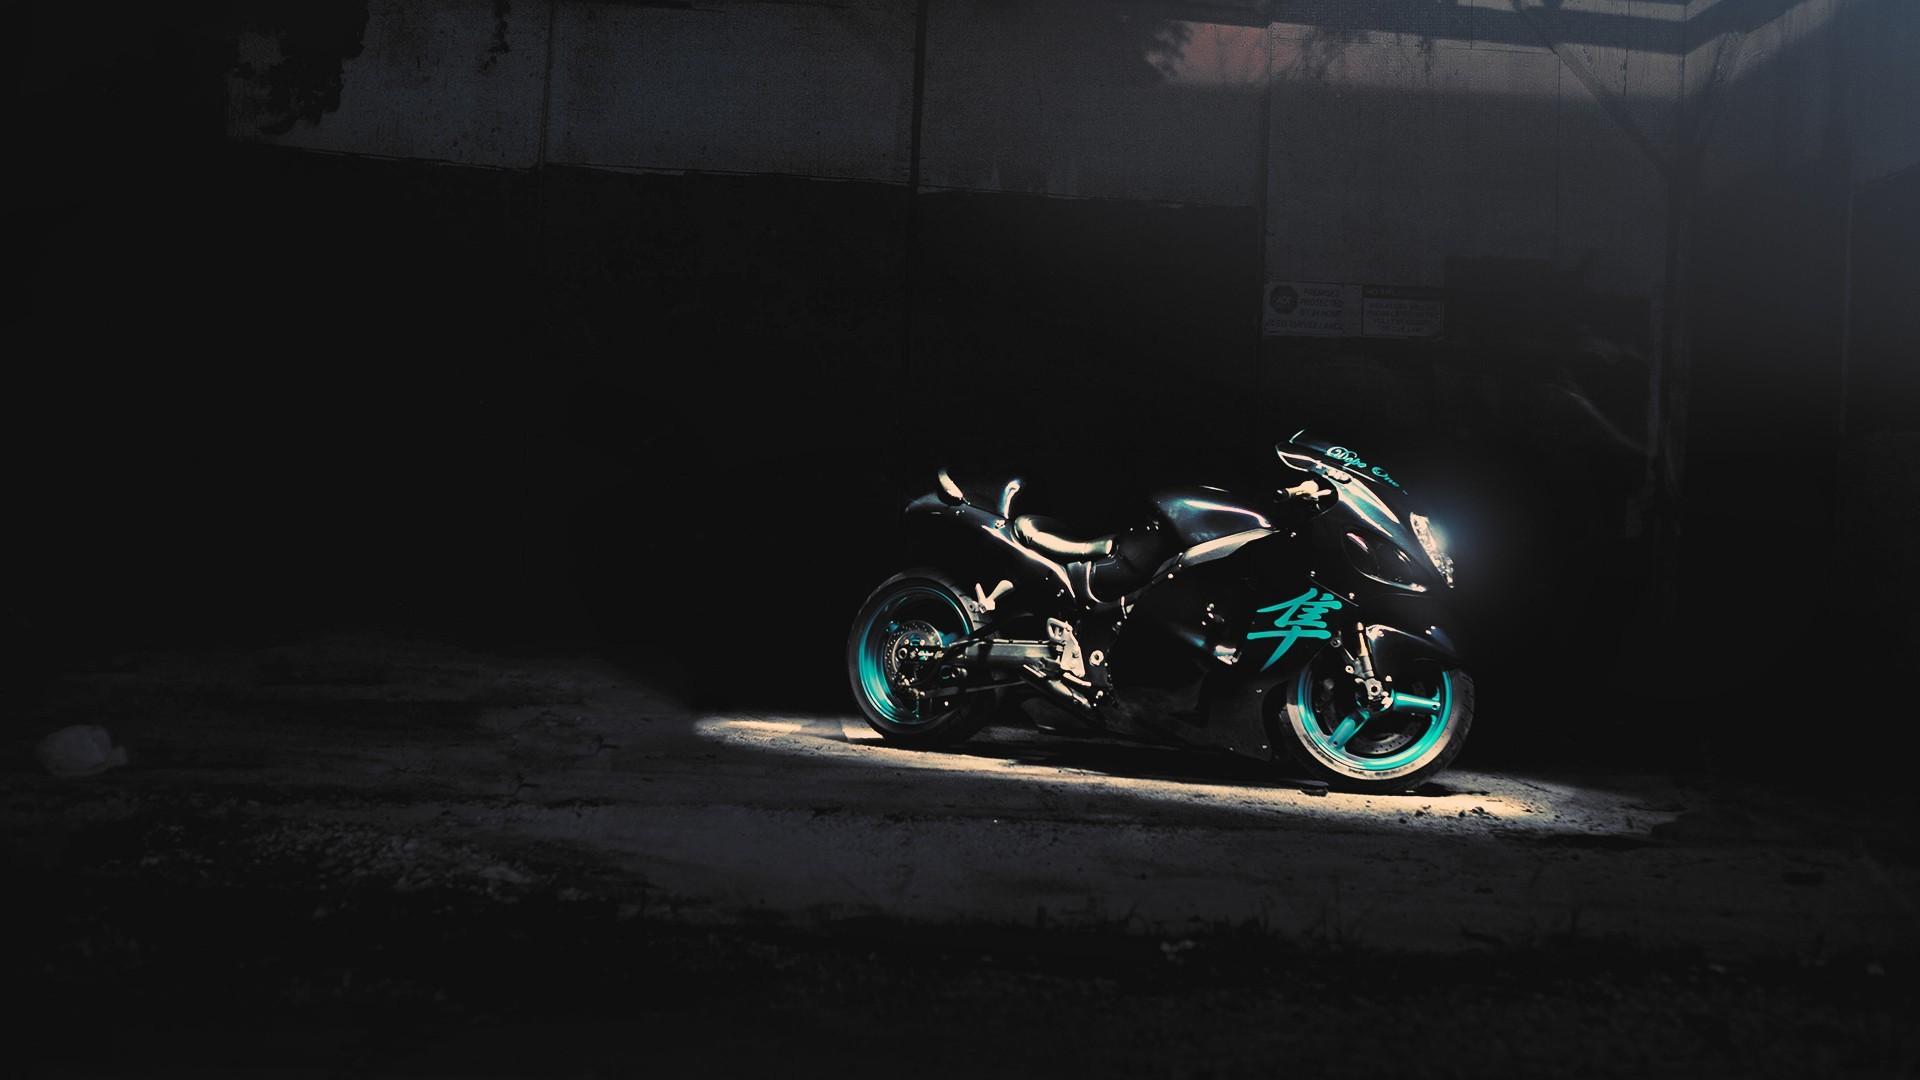 デスクトップ壁紙 黒 夜 オートバイ 車両 青 スーパーバイク スズキ はやぶさ 光 闇 スクリーンショット コンピュータの 壁紙 19x1080 Eudesfilho 2399 デスクトップ壁紙 Wallhere